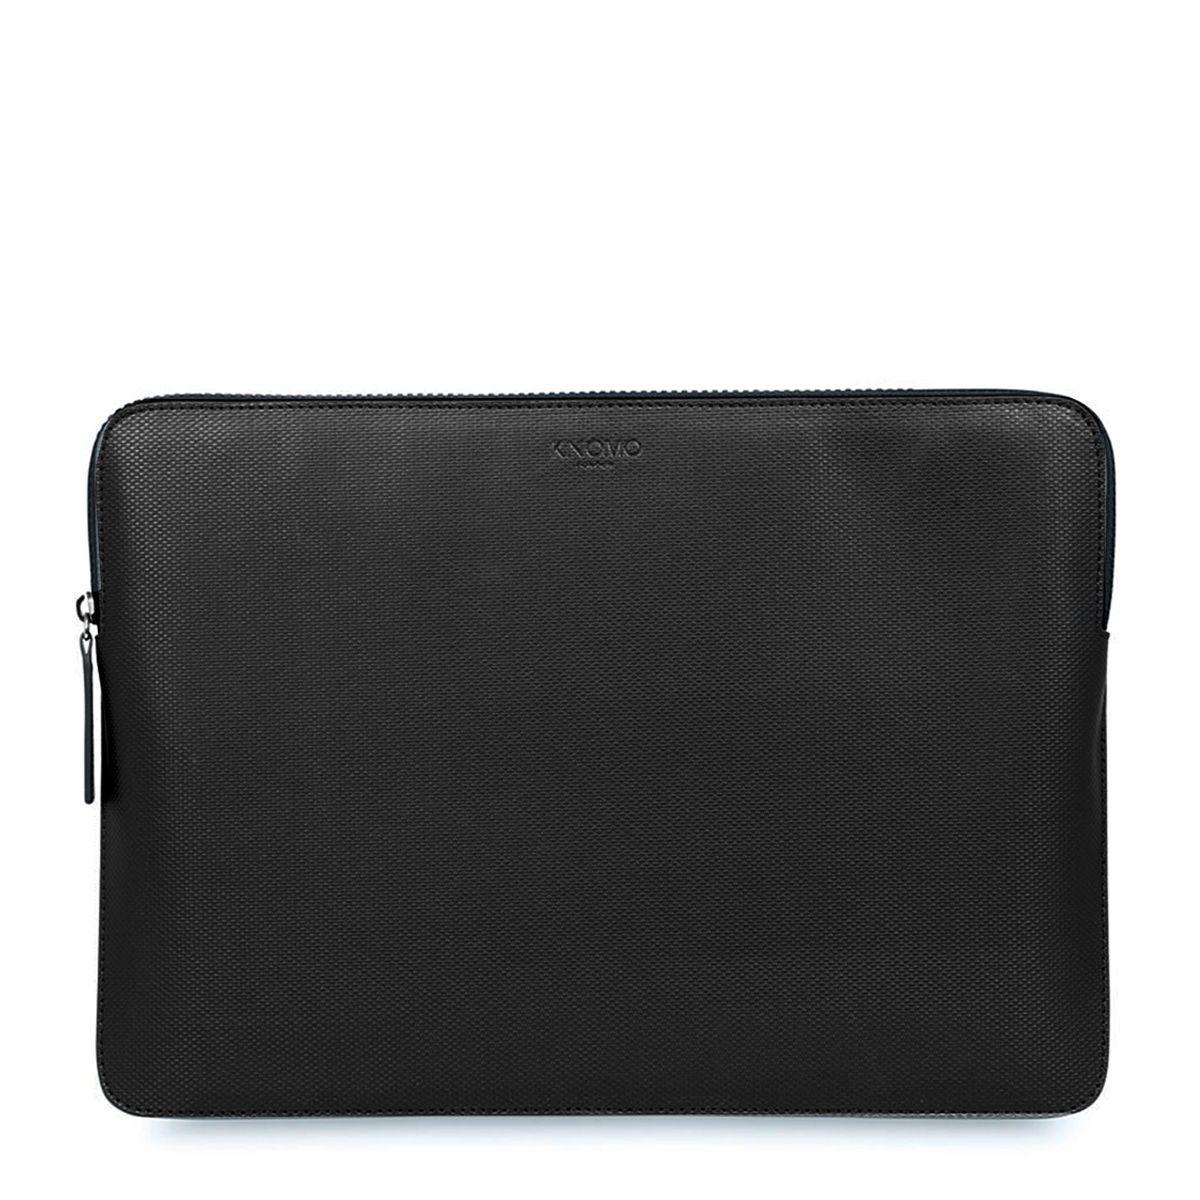 Knomo Laptop Sleeve Embossed Black 13 inch